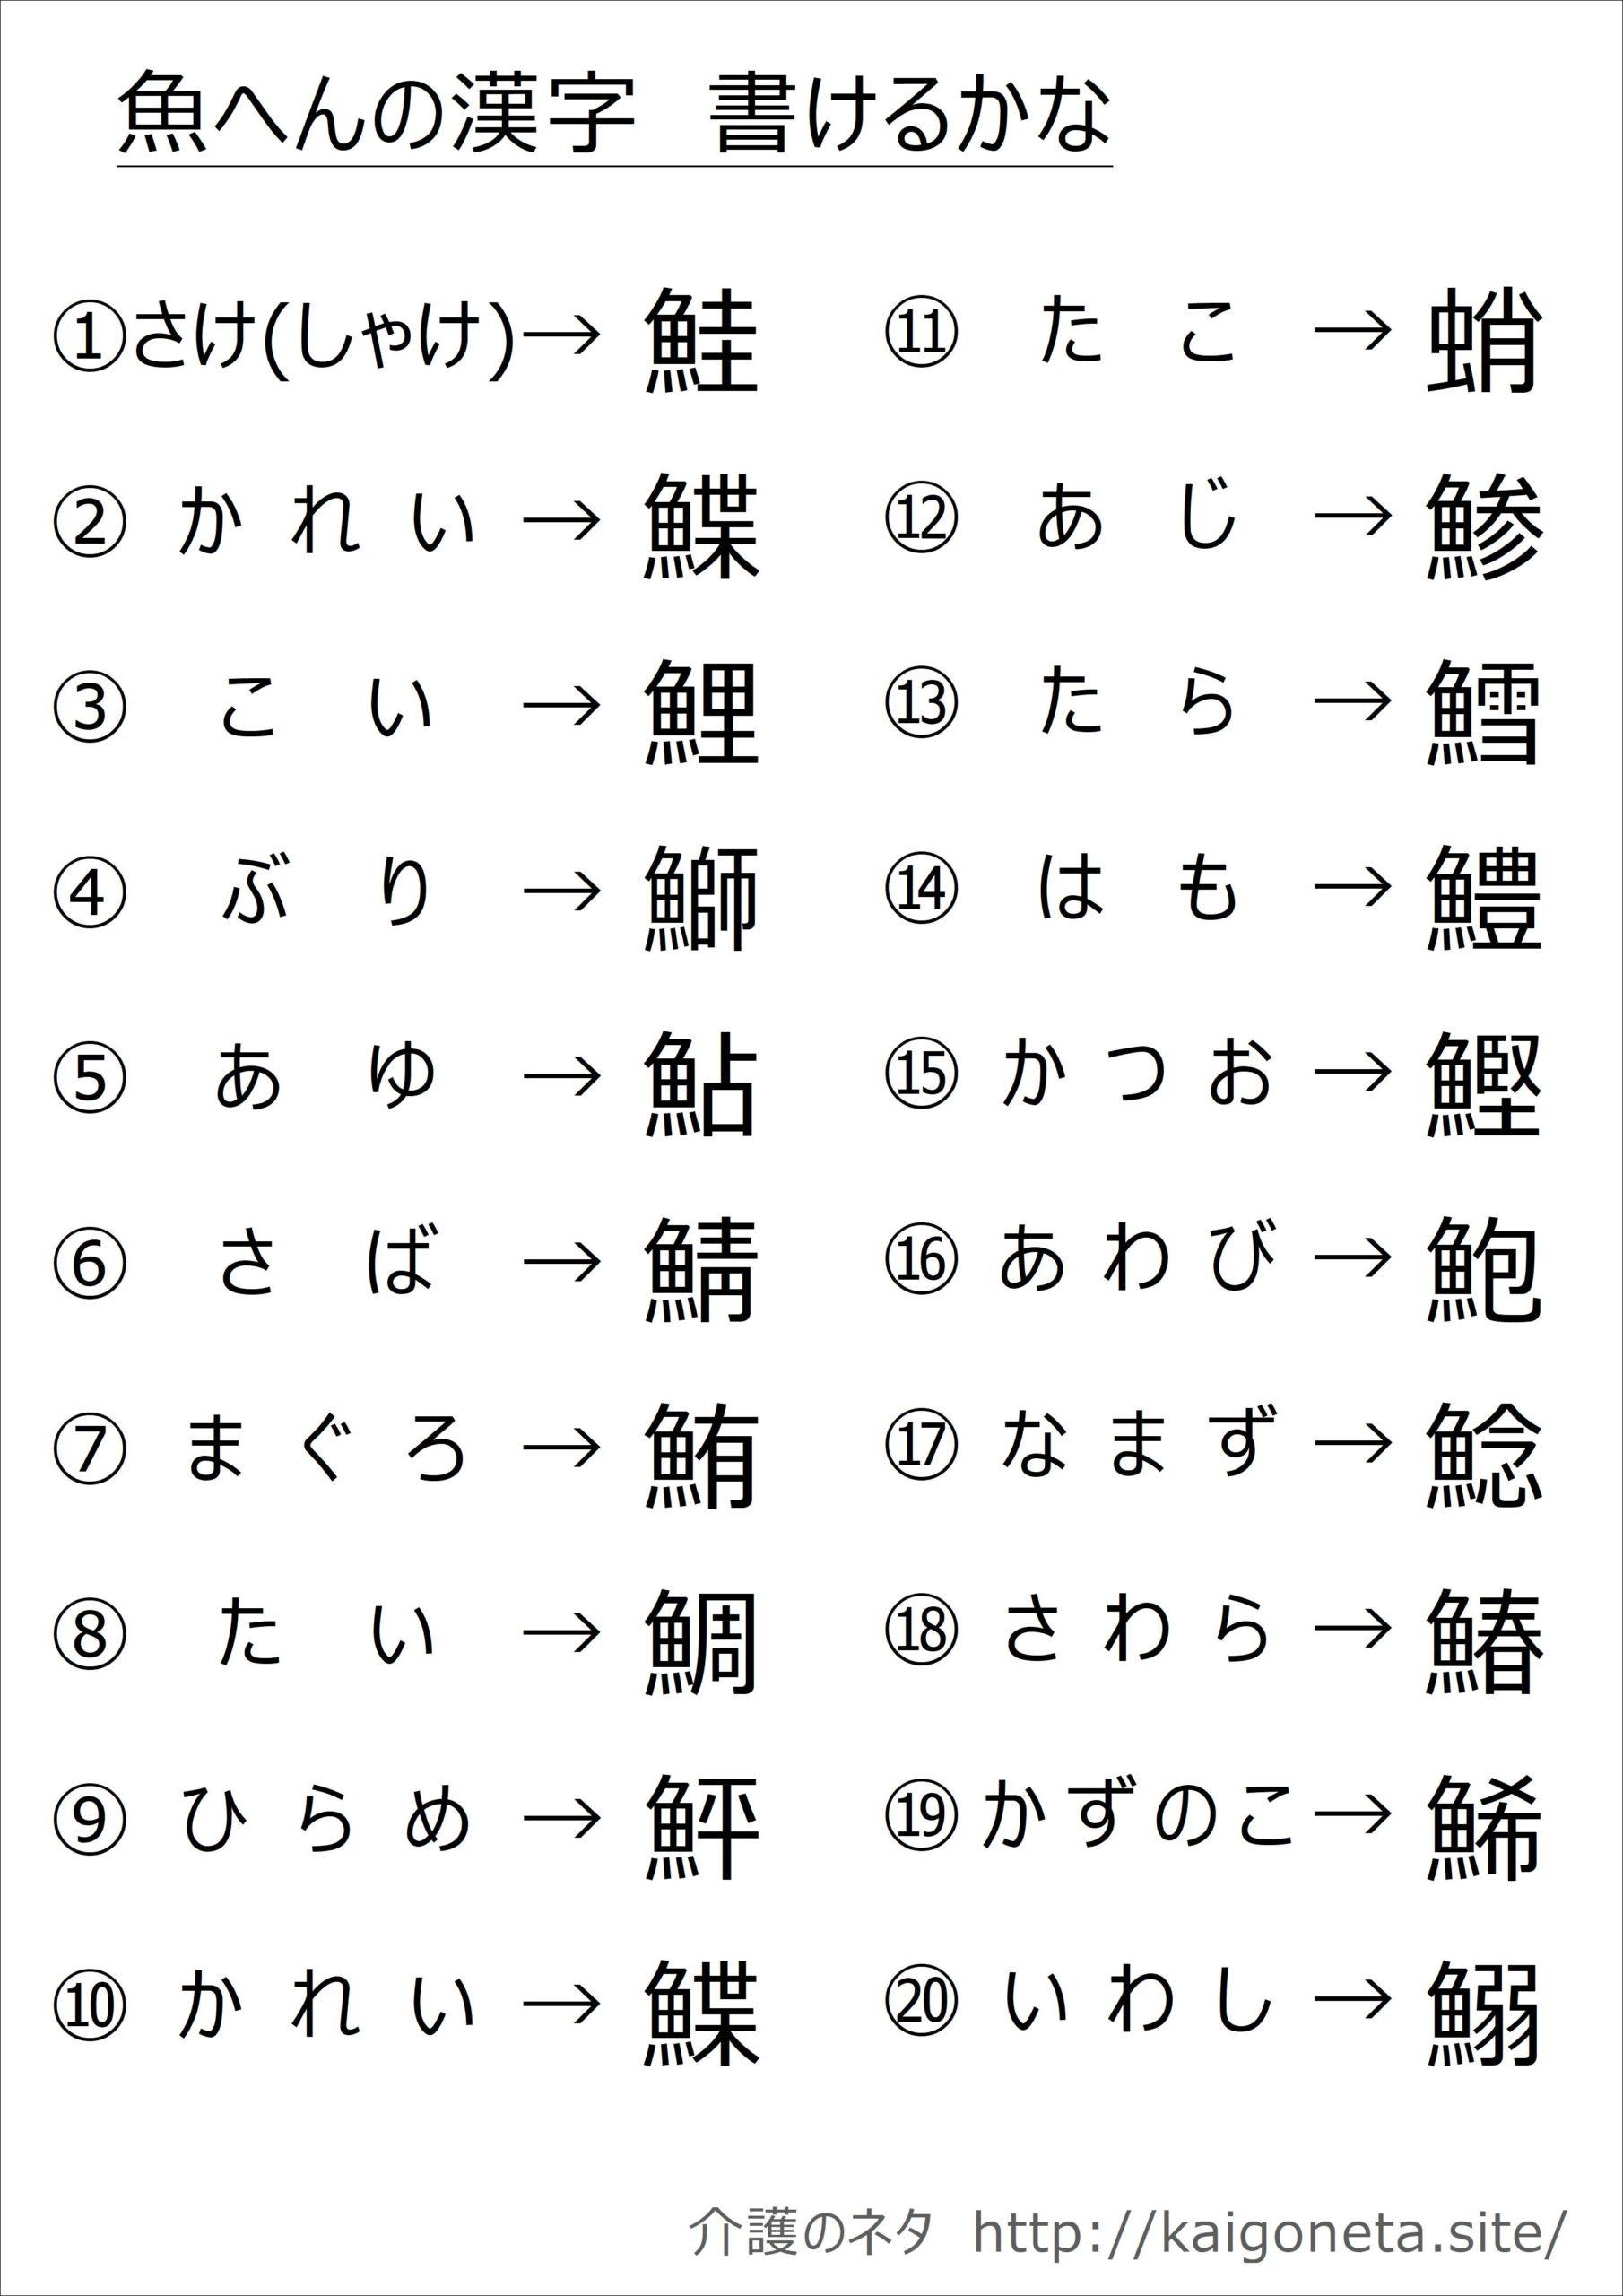 一覧 の 漢字 魚 へん